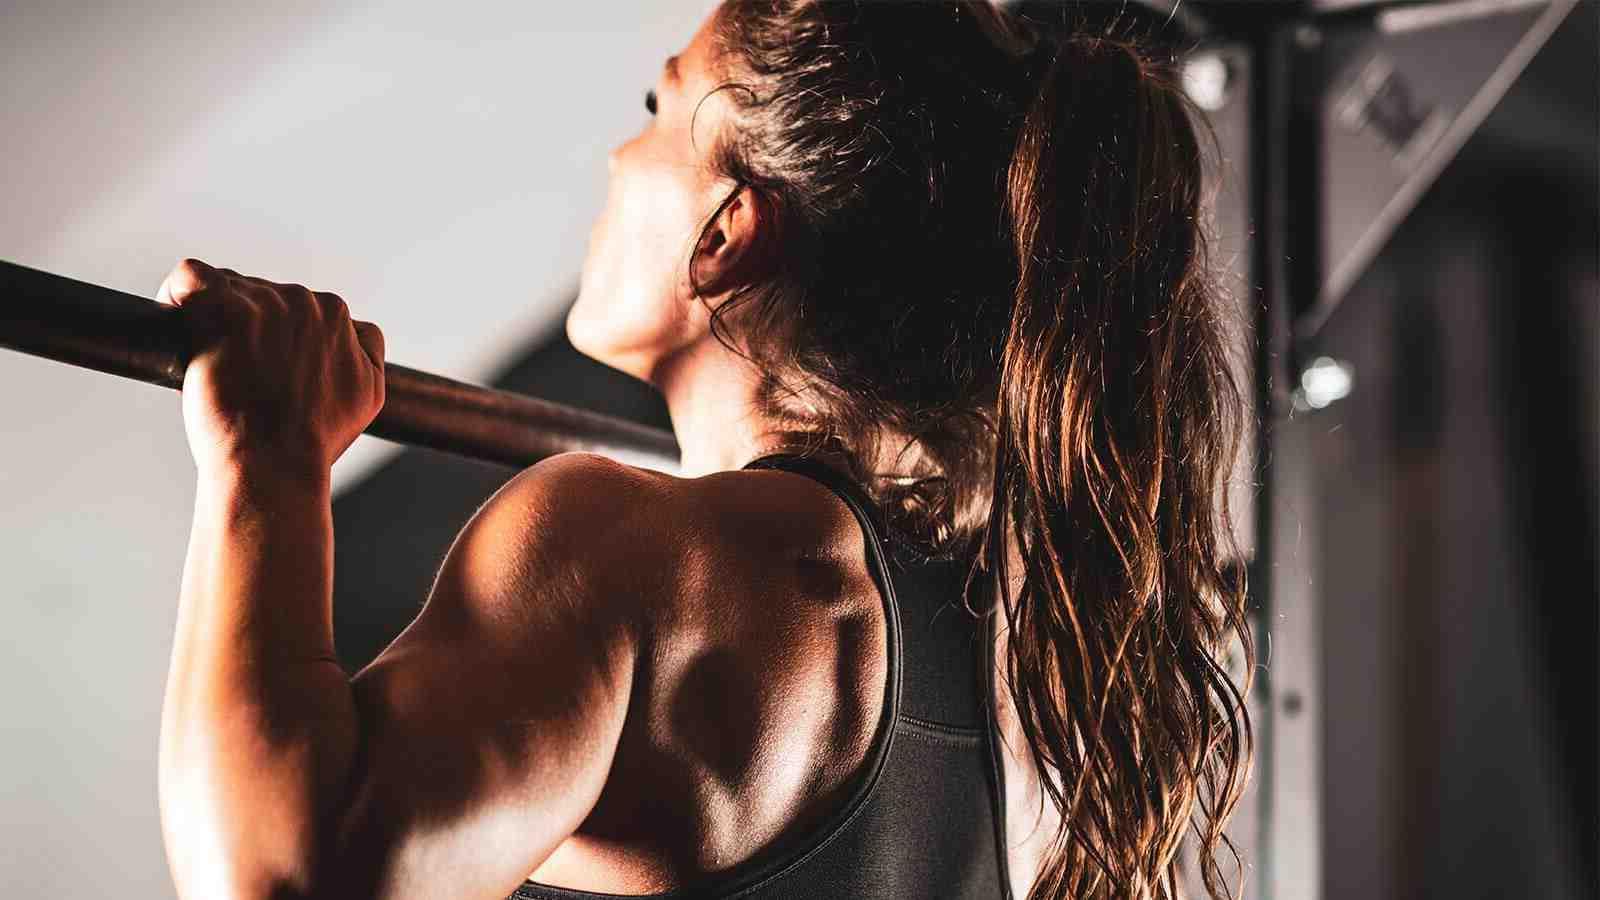 Comment faire une prise de muscle ?